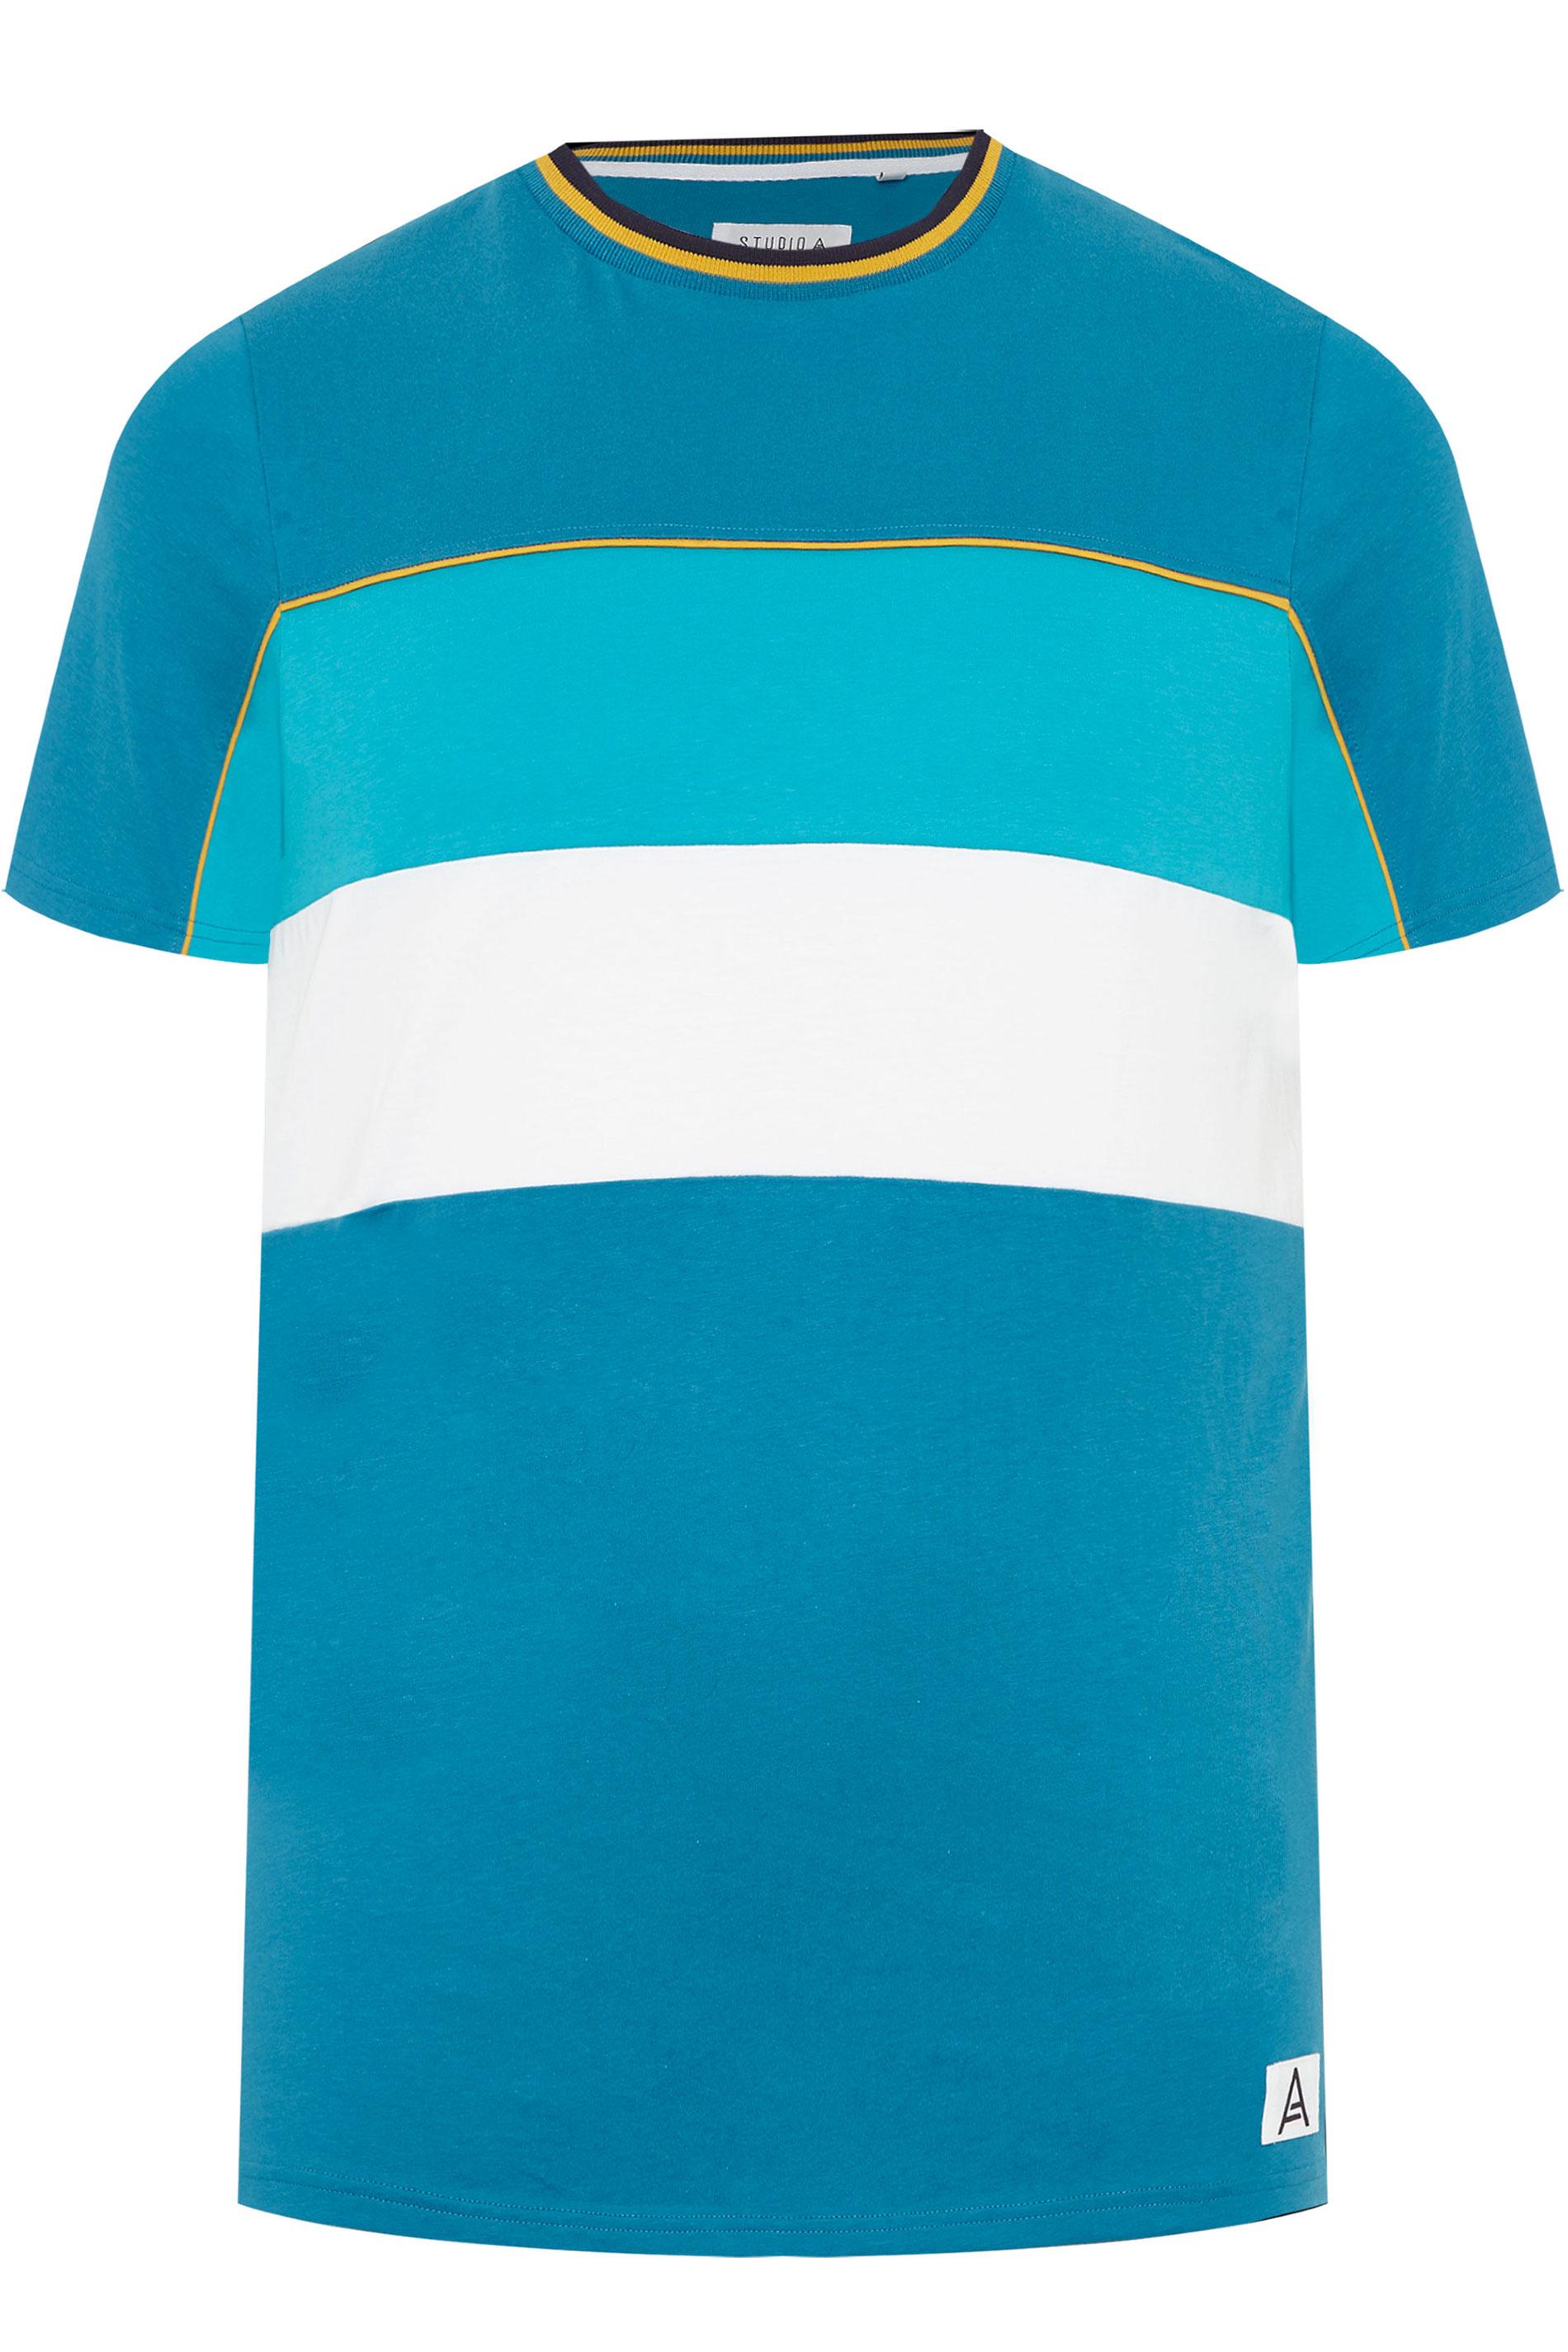 STUDIO A Blue Colour Block T-Shirt